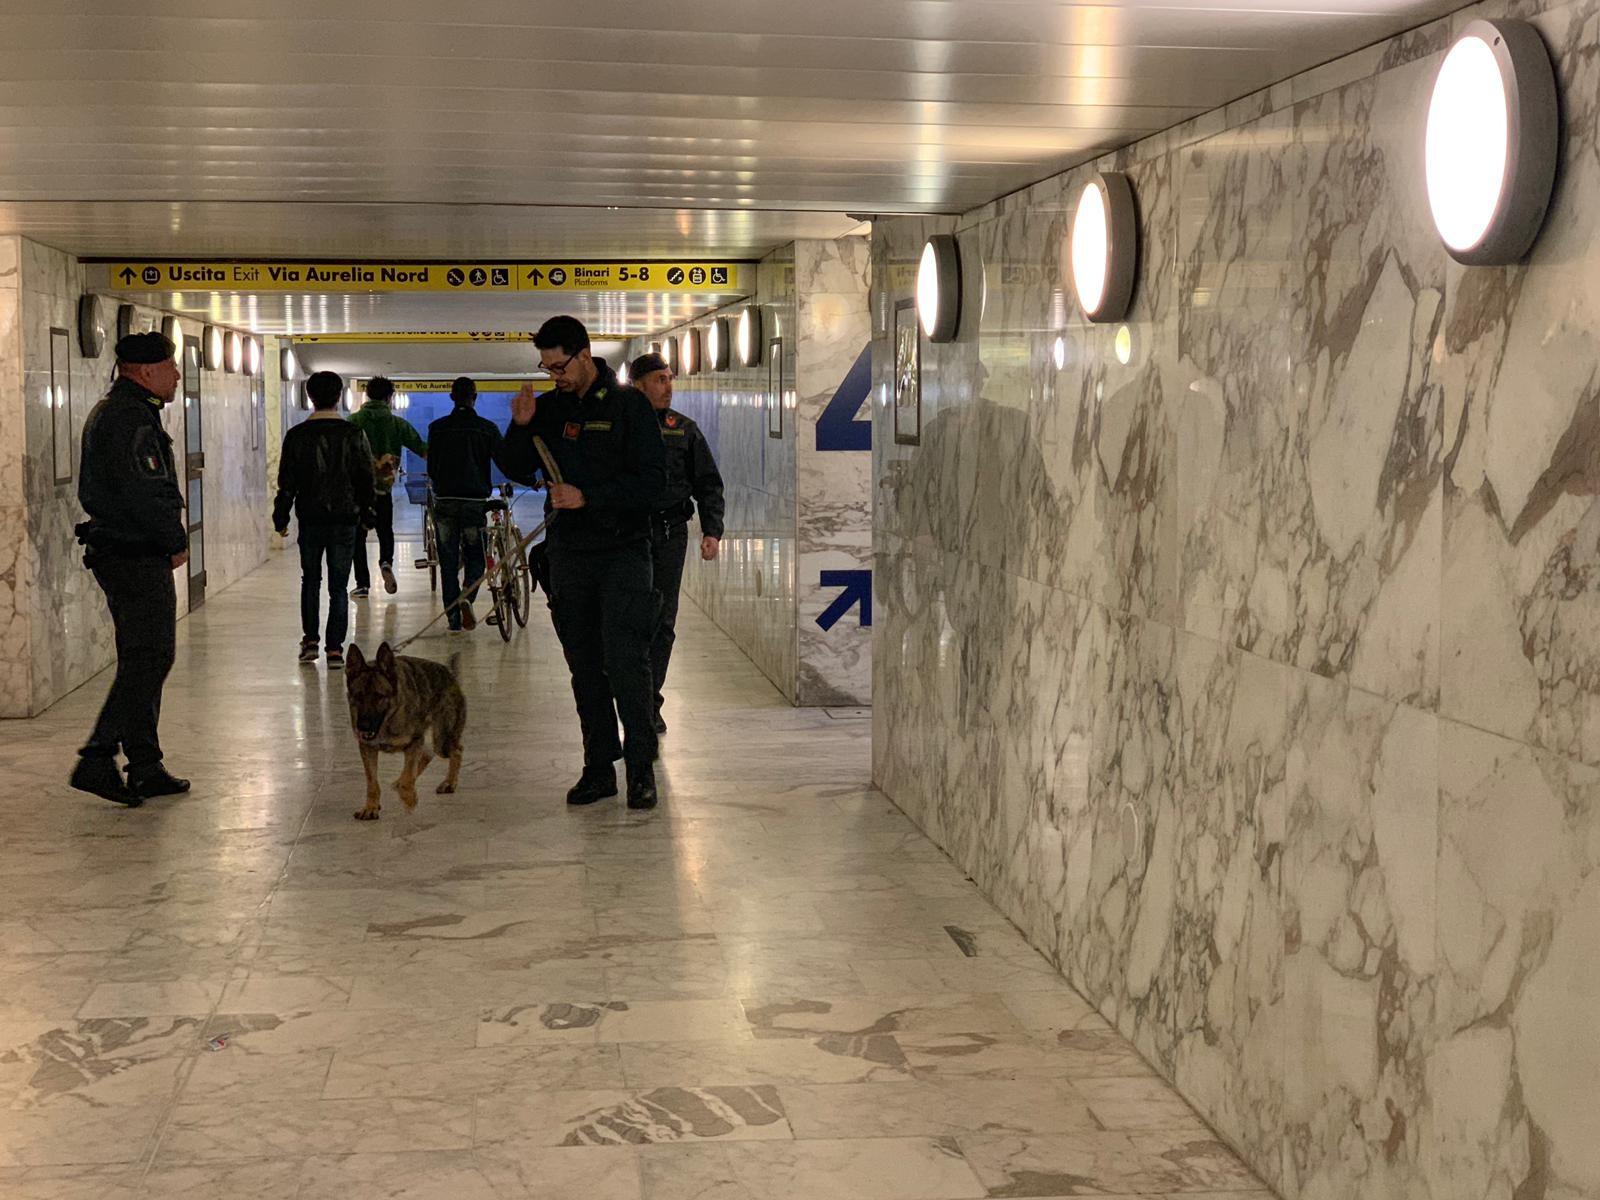 Droga, controllo con i cani in stazione e passeggiata